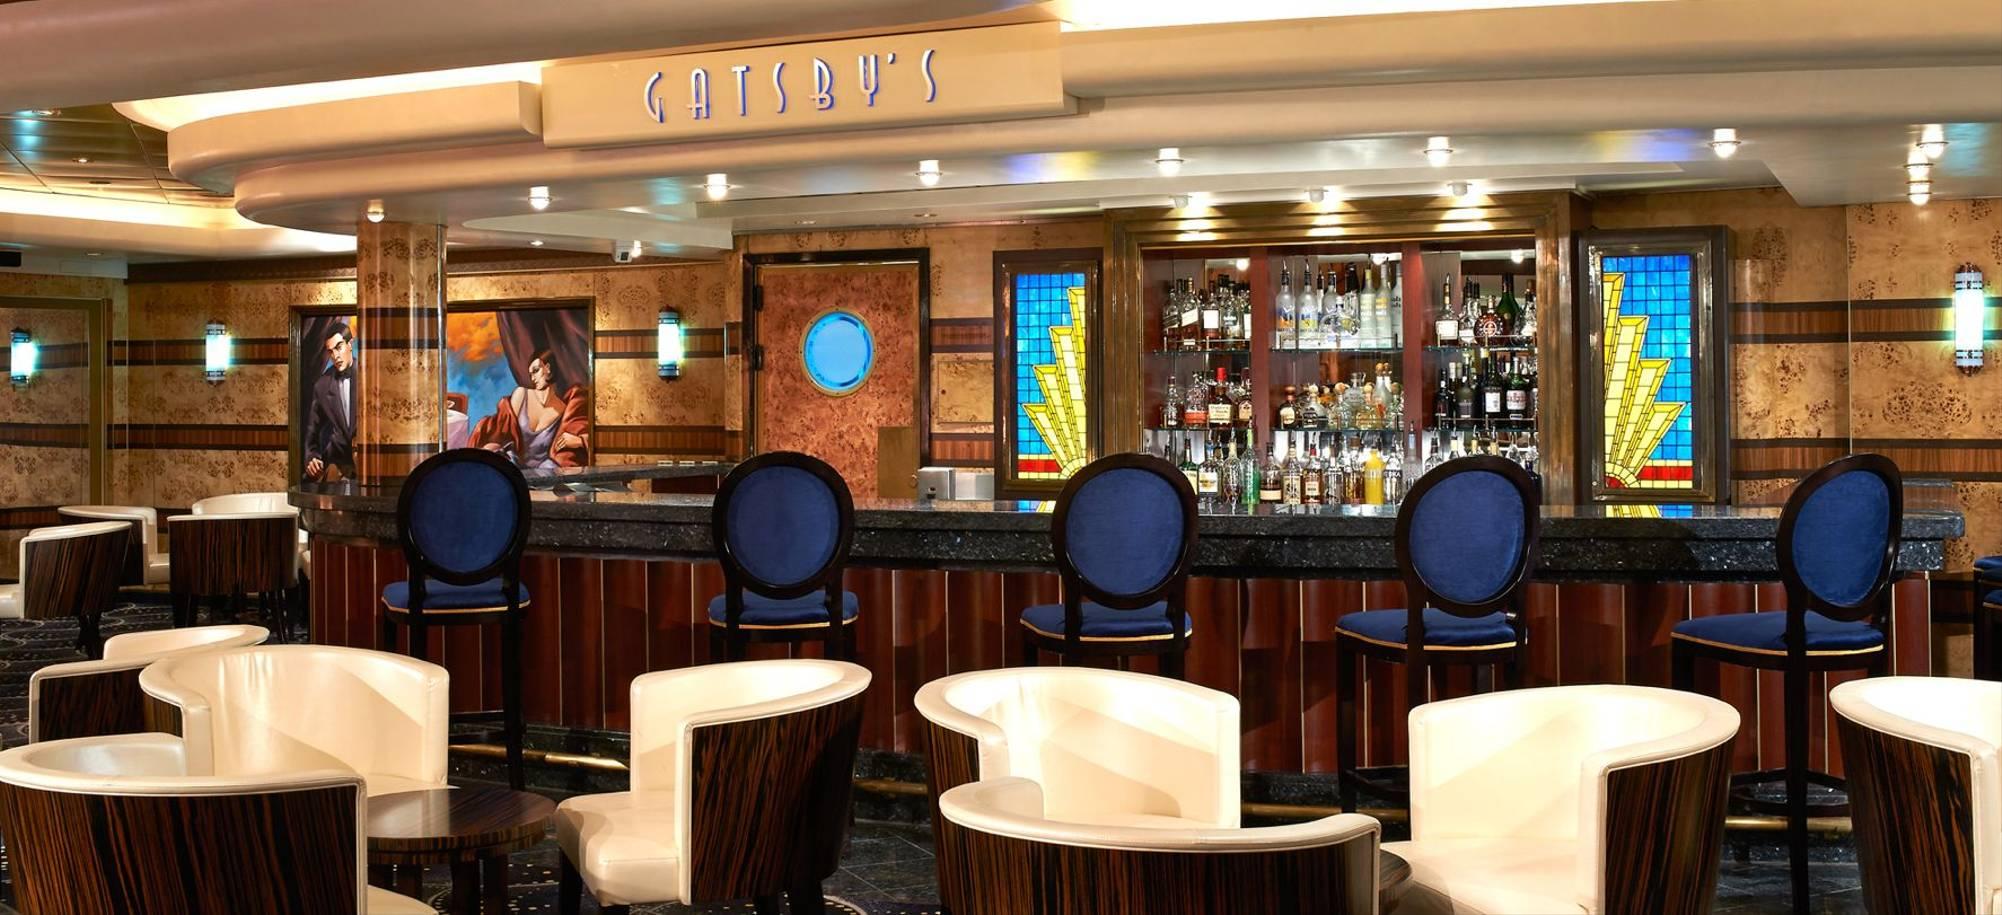 At Sea - Gatsbys Restaurant - Itinerary Desktop.jpg